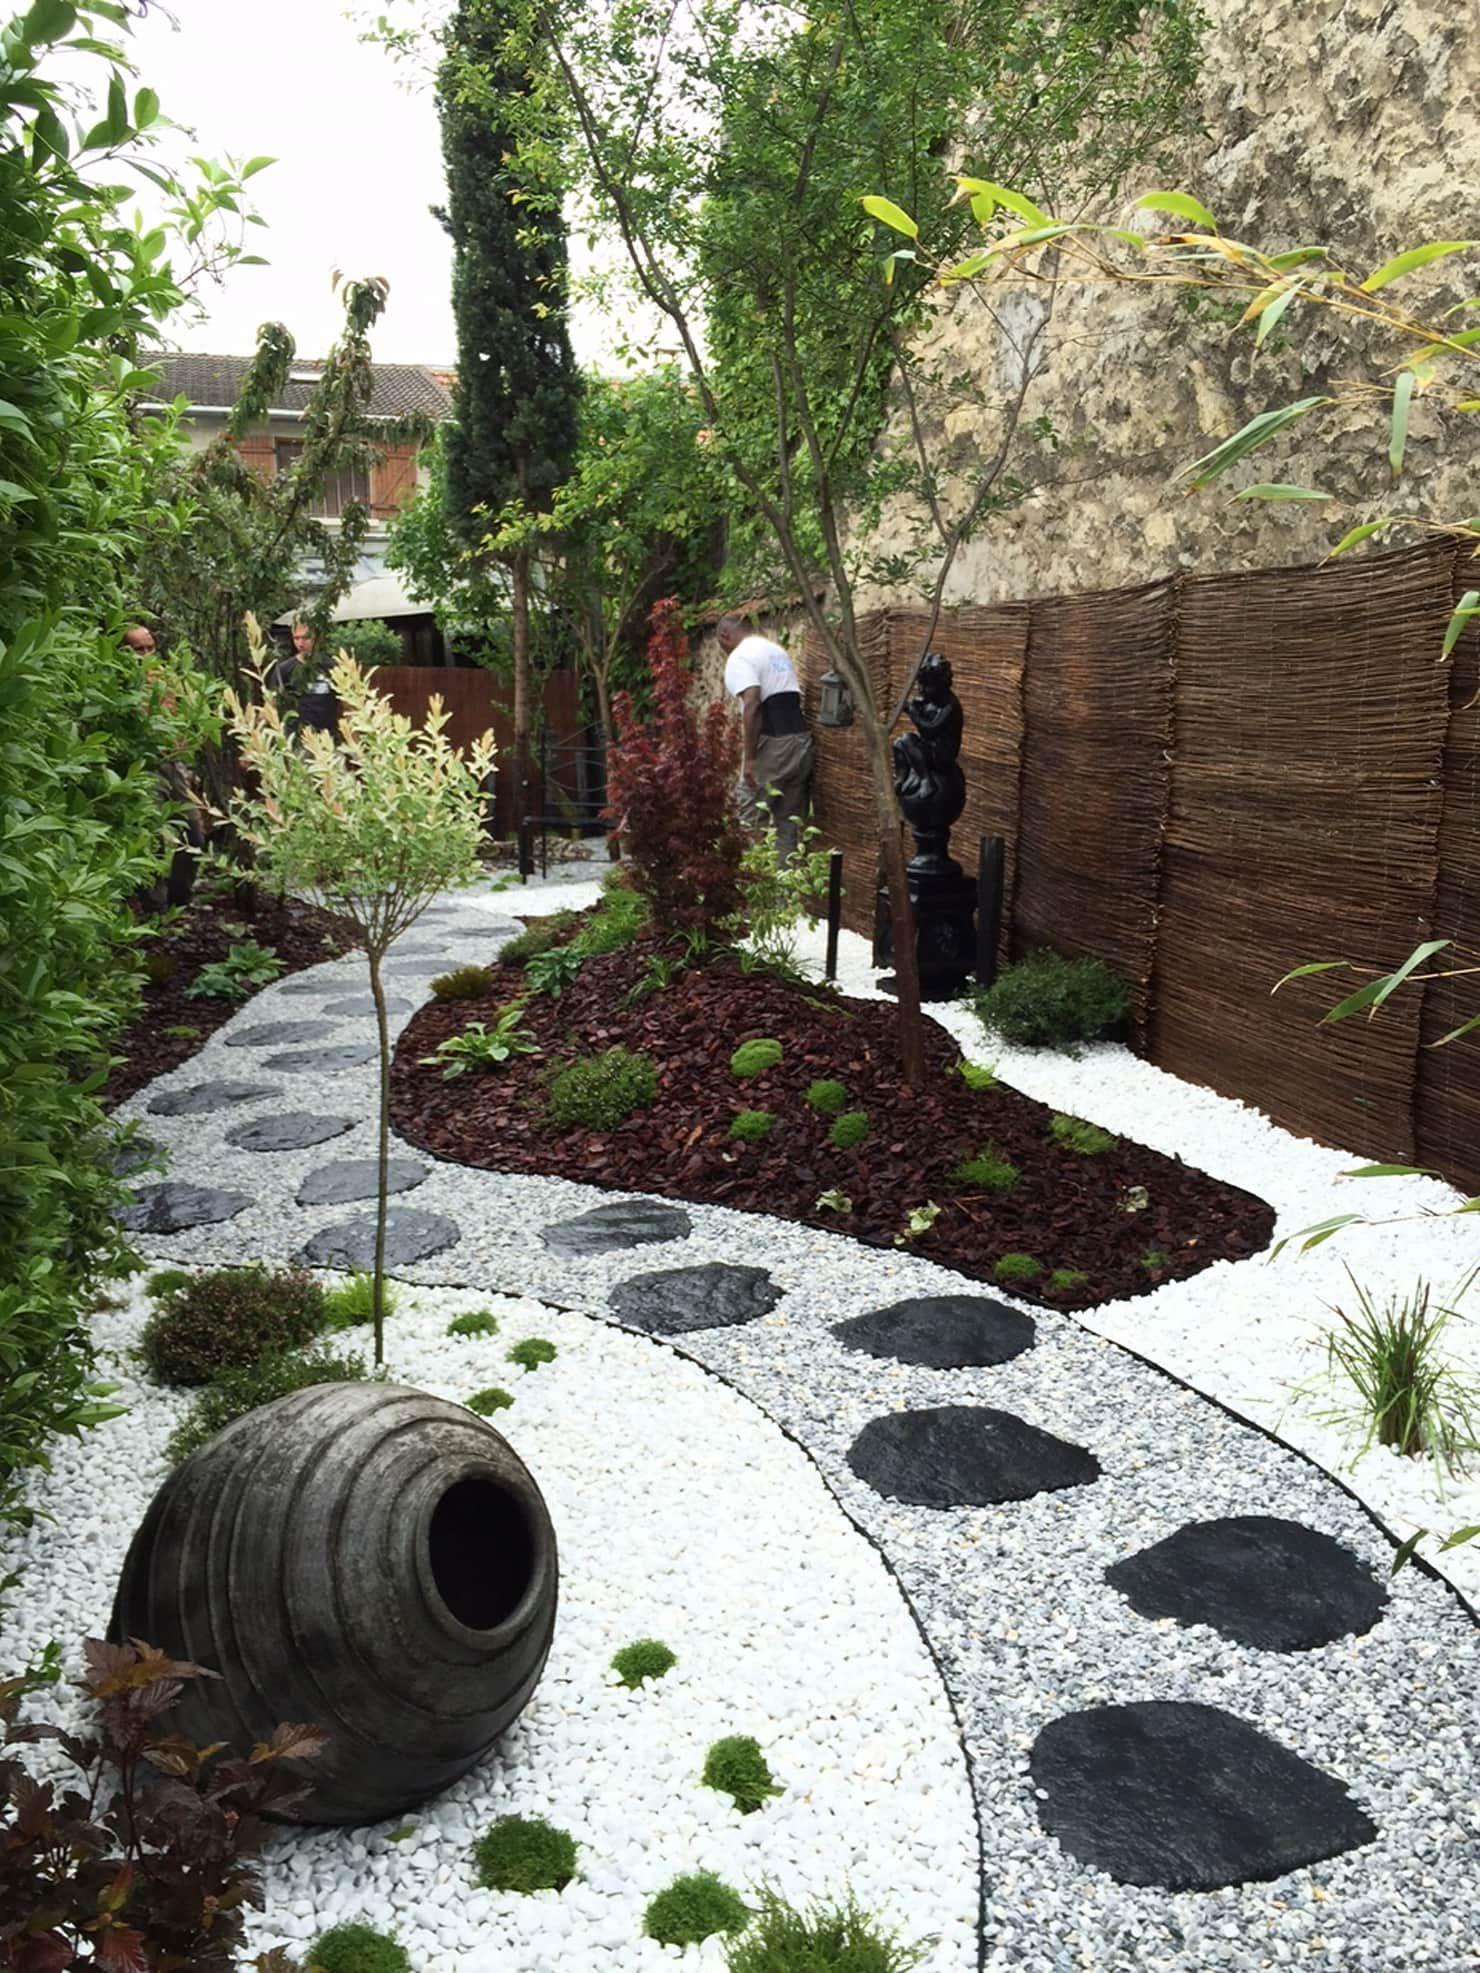 Jardin Japonais Et Zen Jardin Asiatique Par Dcpaysage ... tout Faire Un Jardin Japonais Facile